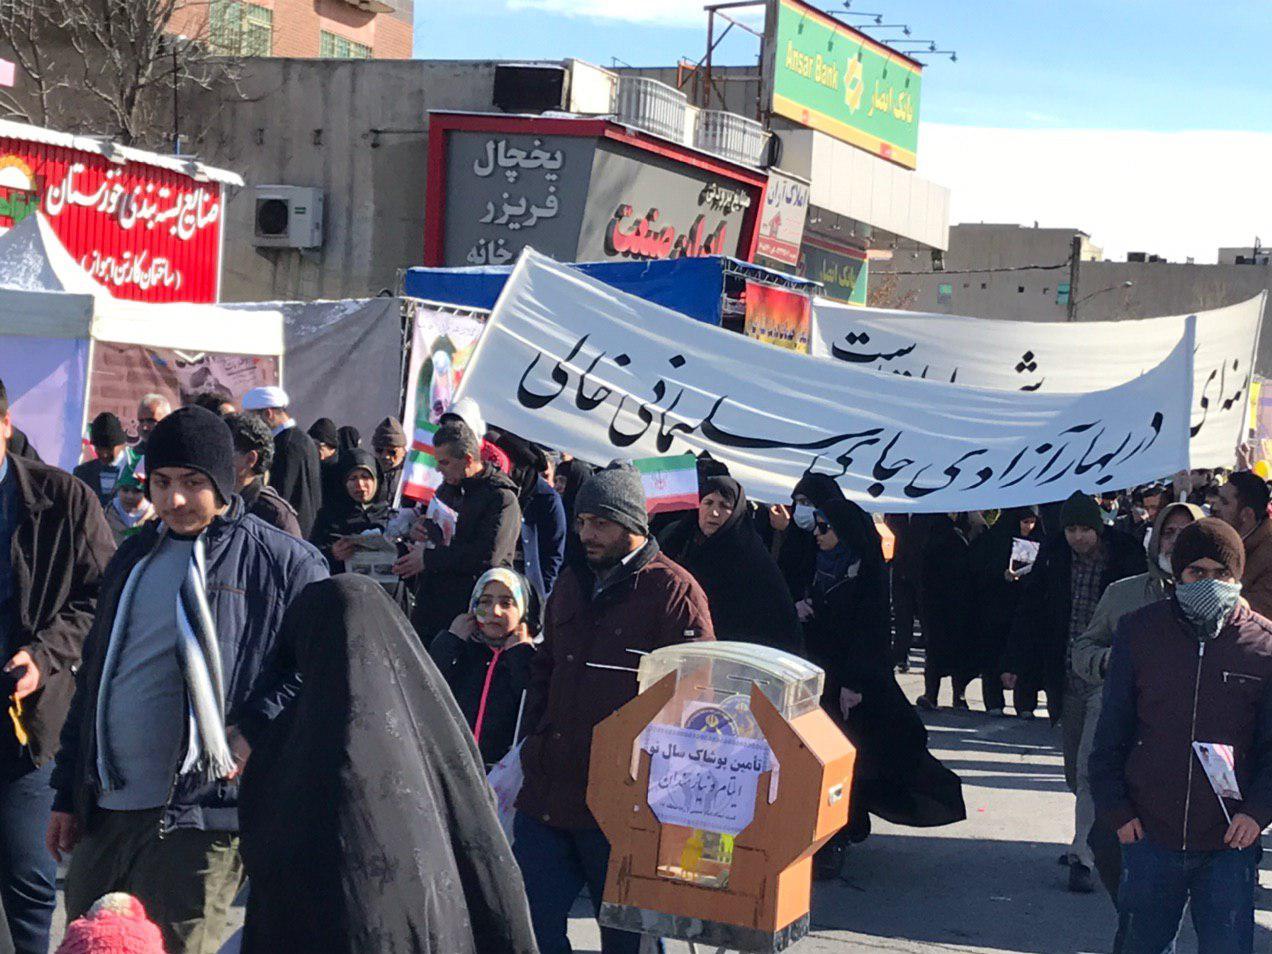 راهپیمایی ۲۲ بهمن| قدرتنمایی لشکر میلیونی سلیمانی/ تشییع جنازه تروریستهای آمریکایی